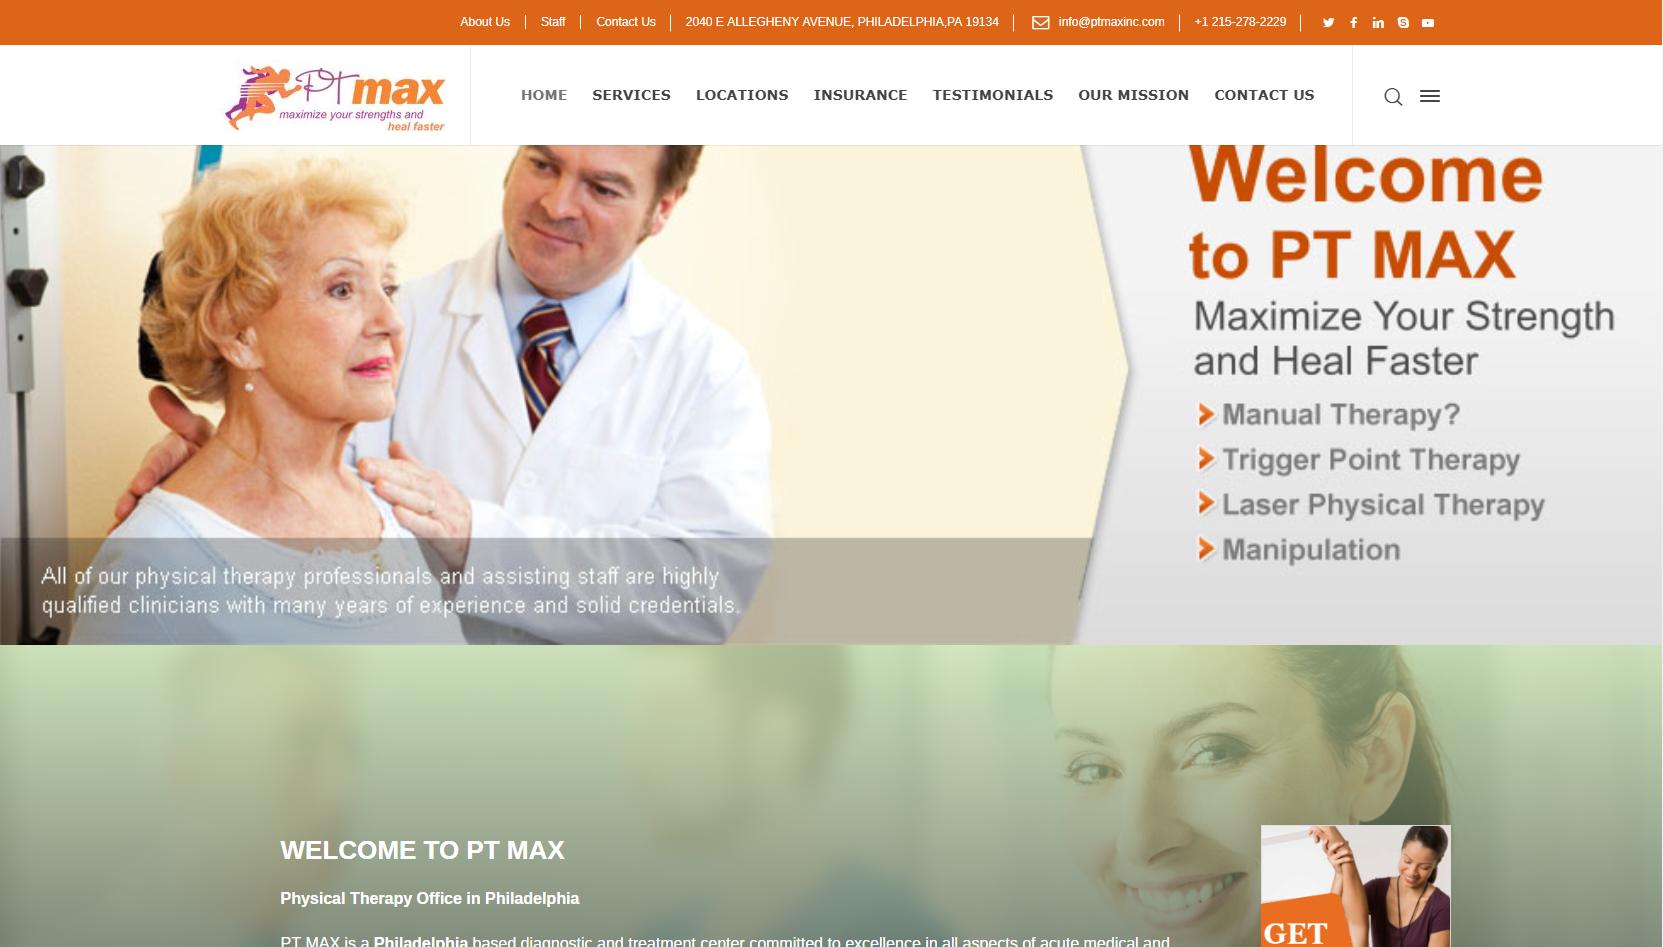 PTMAX Inc